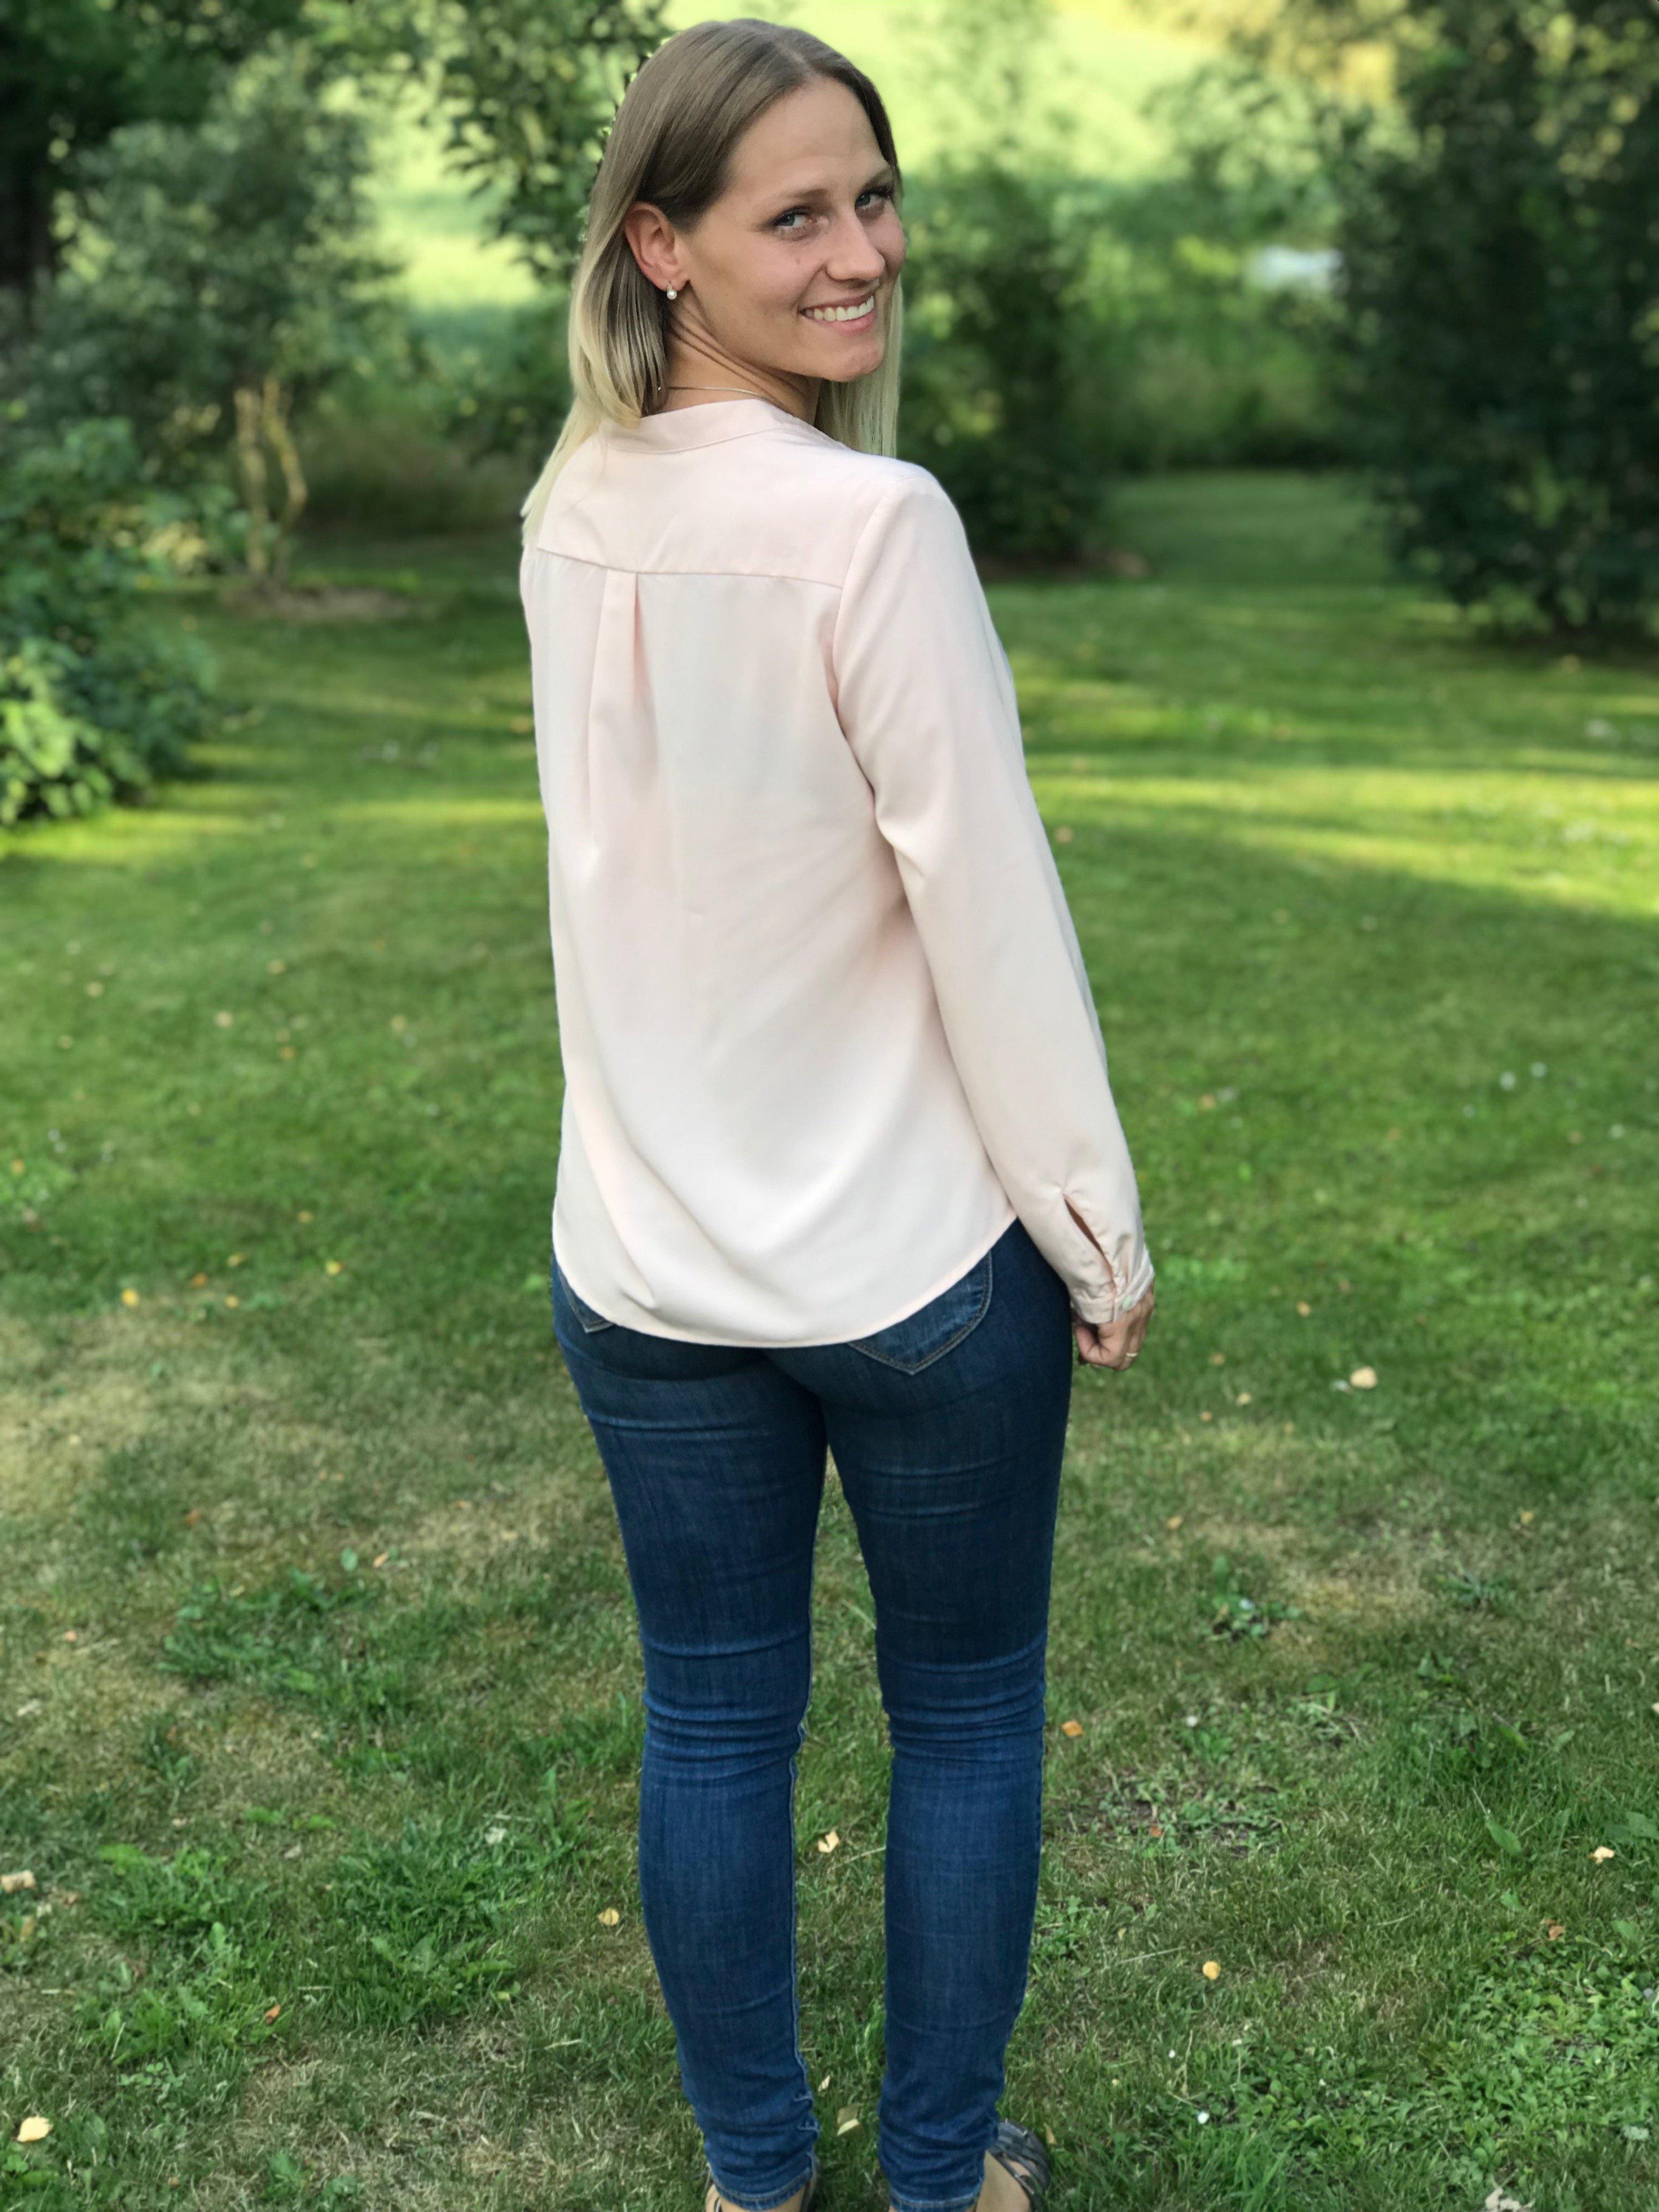 Blusen Isabelle gammelrosa i Oeko-Tex märkt polyester. Med vacker farfarskrage och pärlemorknappar. Bild bakifrån i storlek 36.